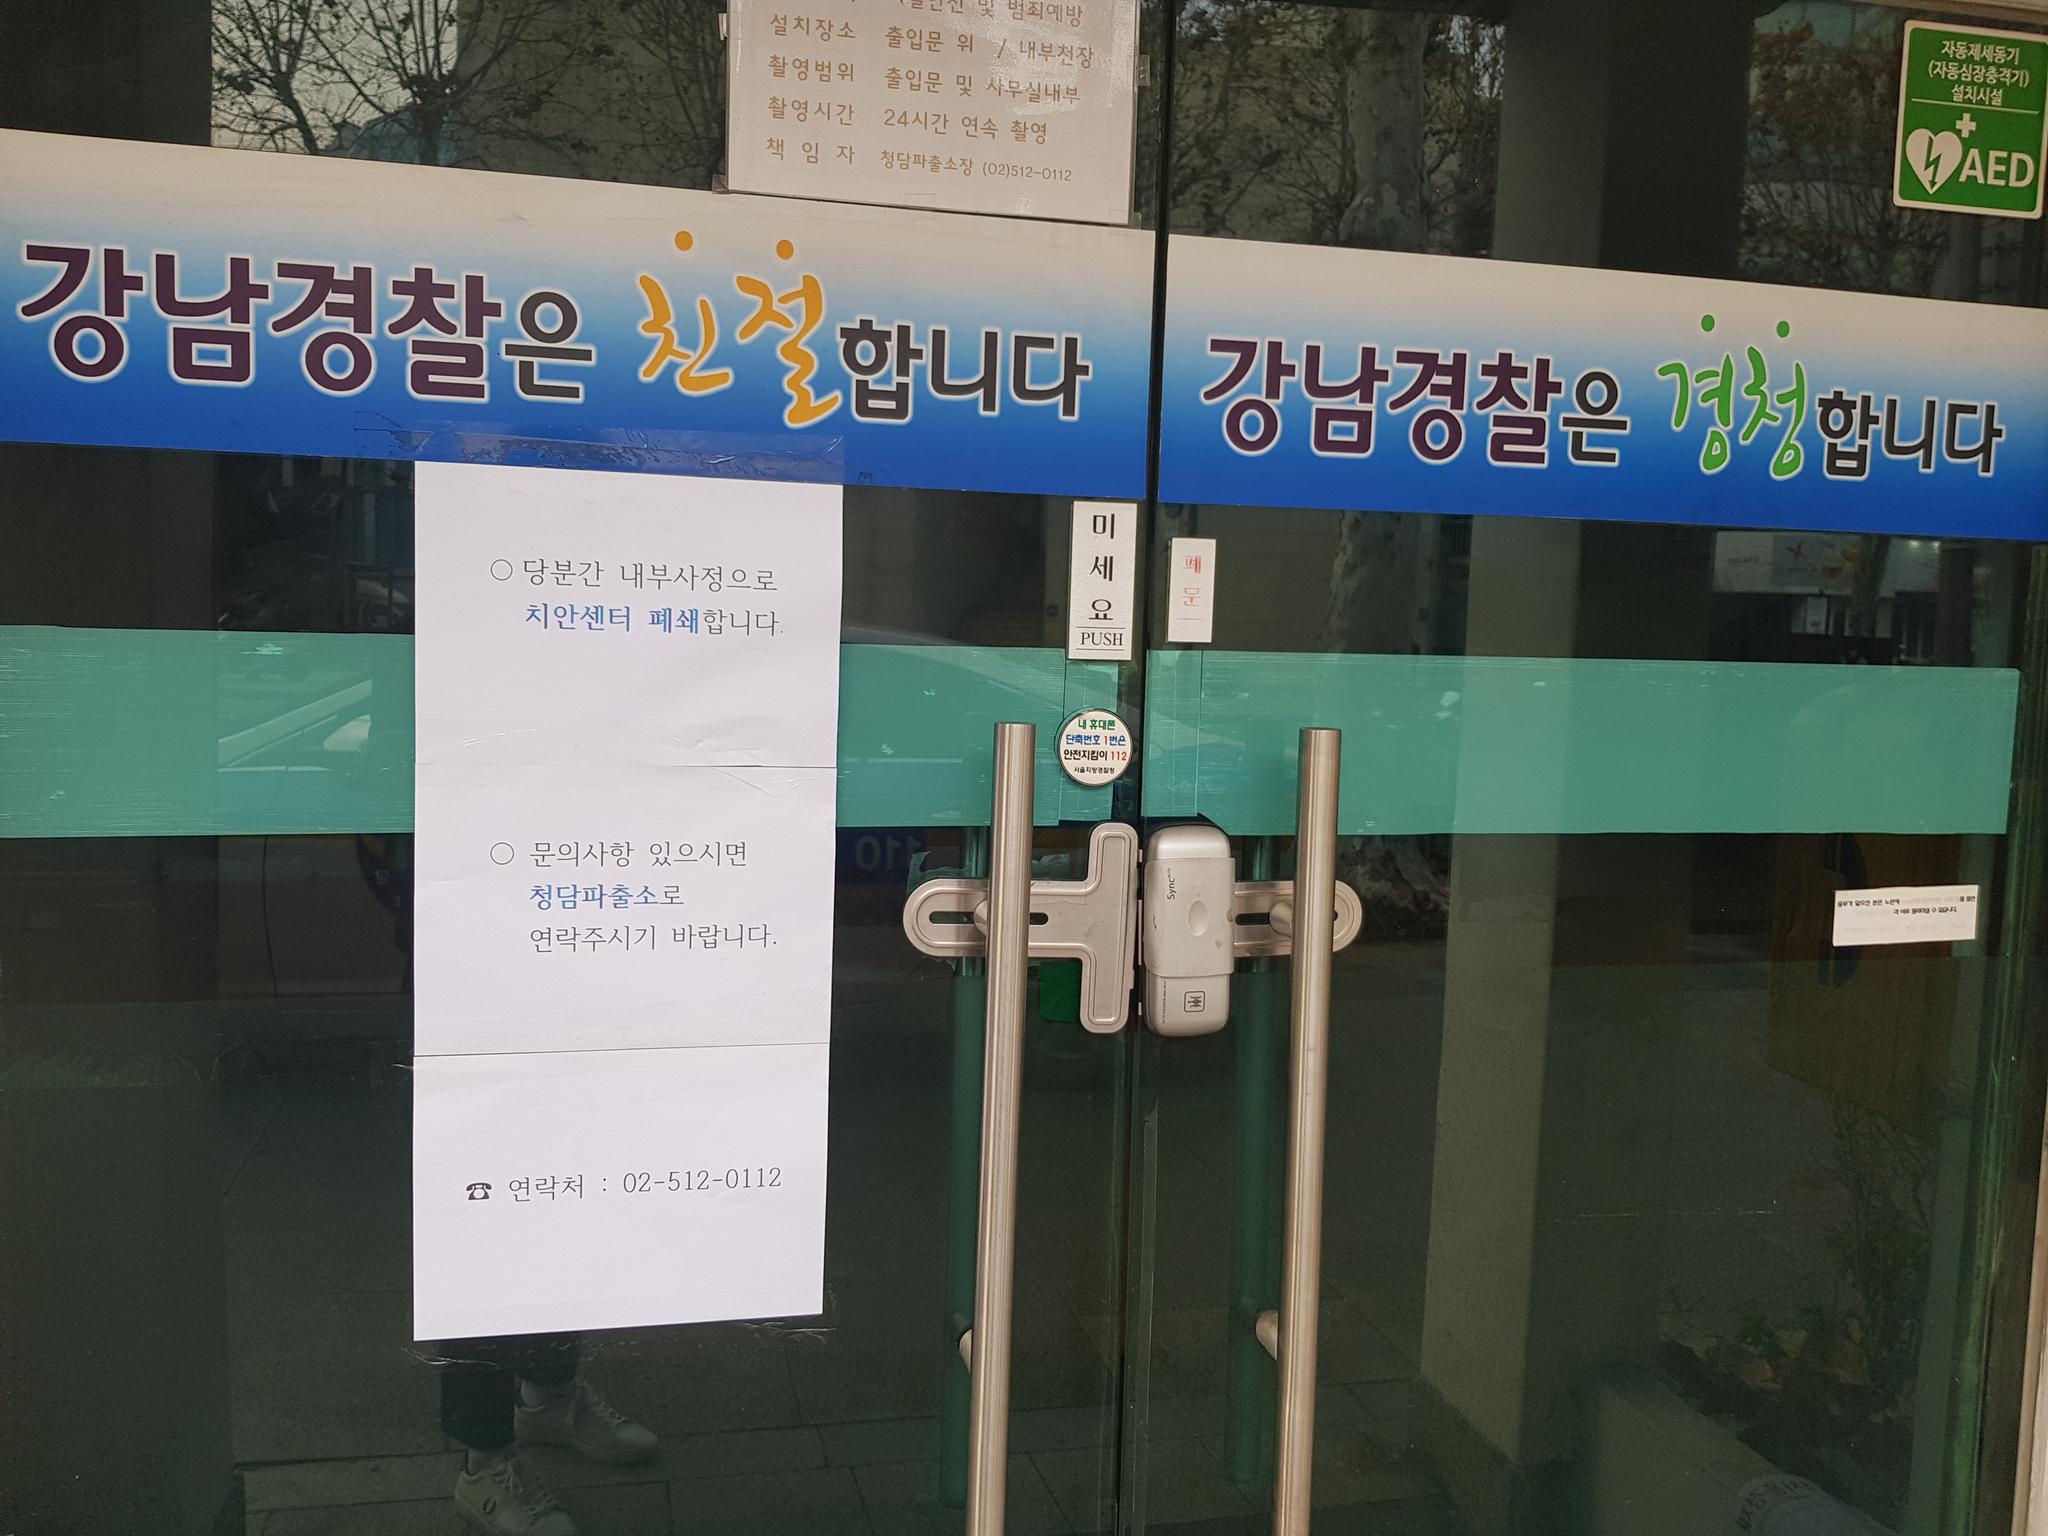 13일 강남구의 청담치안센터. 당분간 치안센터를 폐쇄한다는 안내문이 붙어있다. 석경민 기자